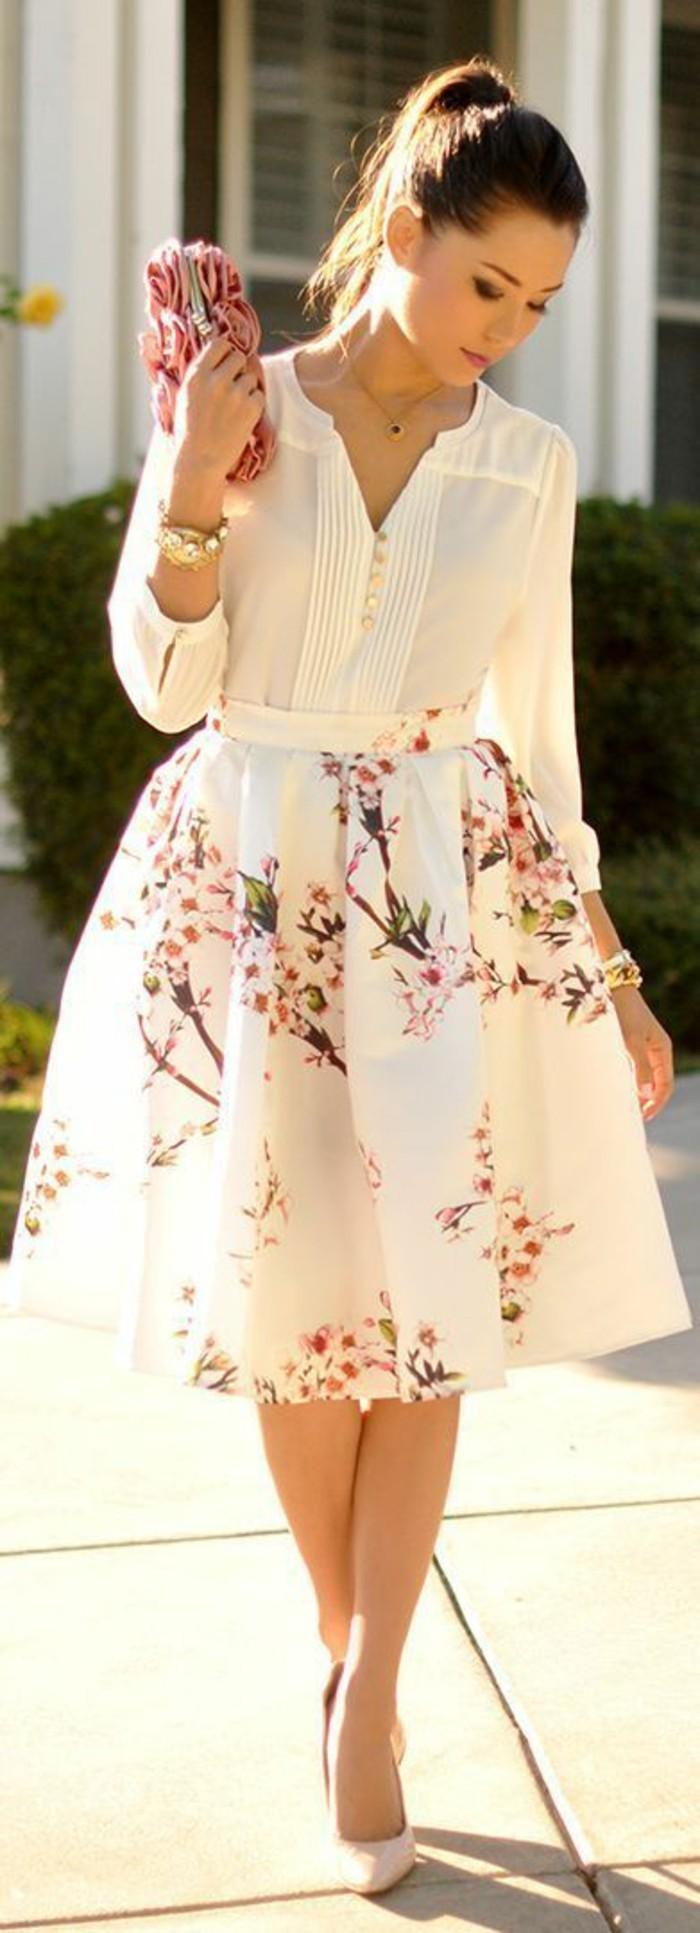 tenue-soirée-décontractée-robe-decontractee-jupe-mi-longue